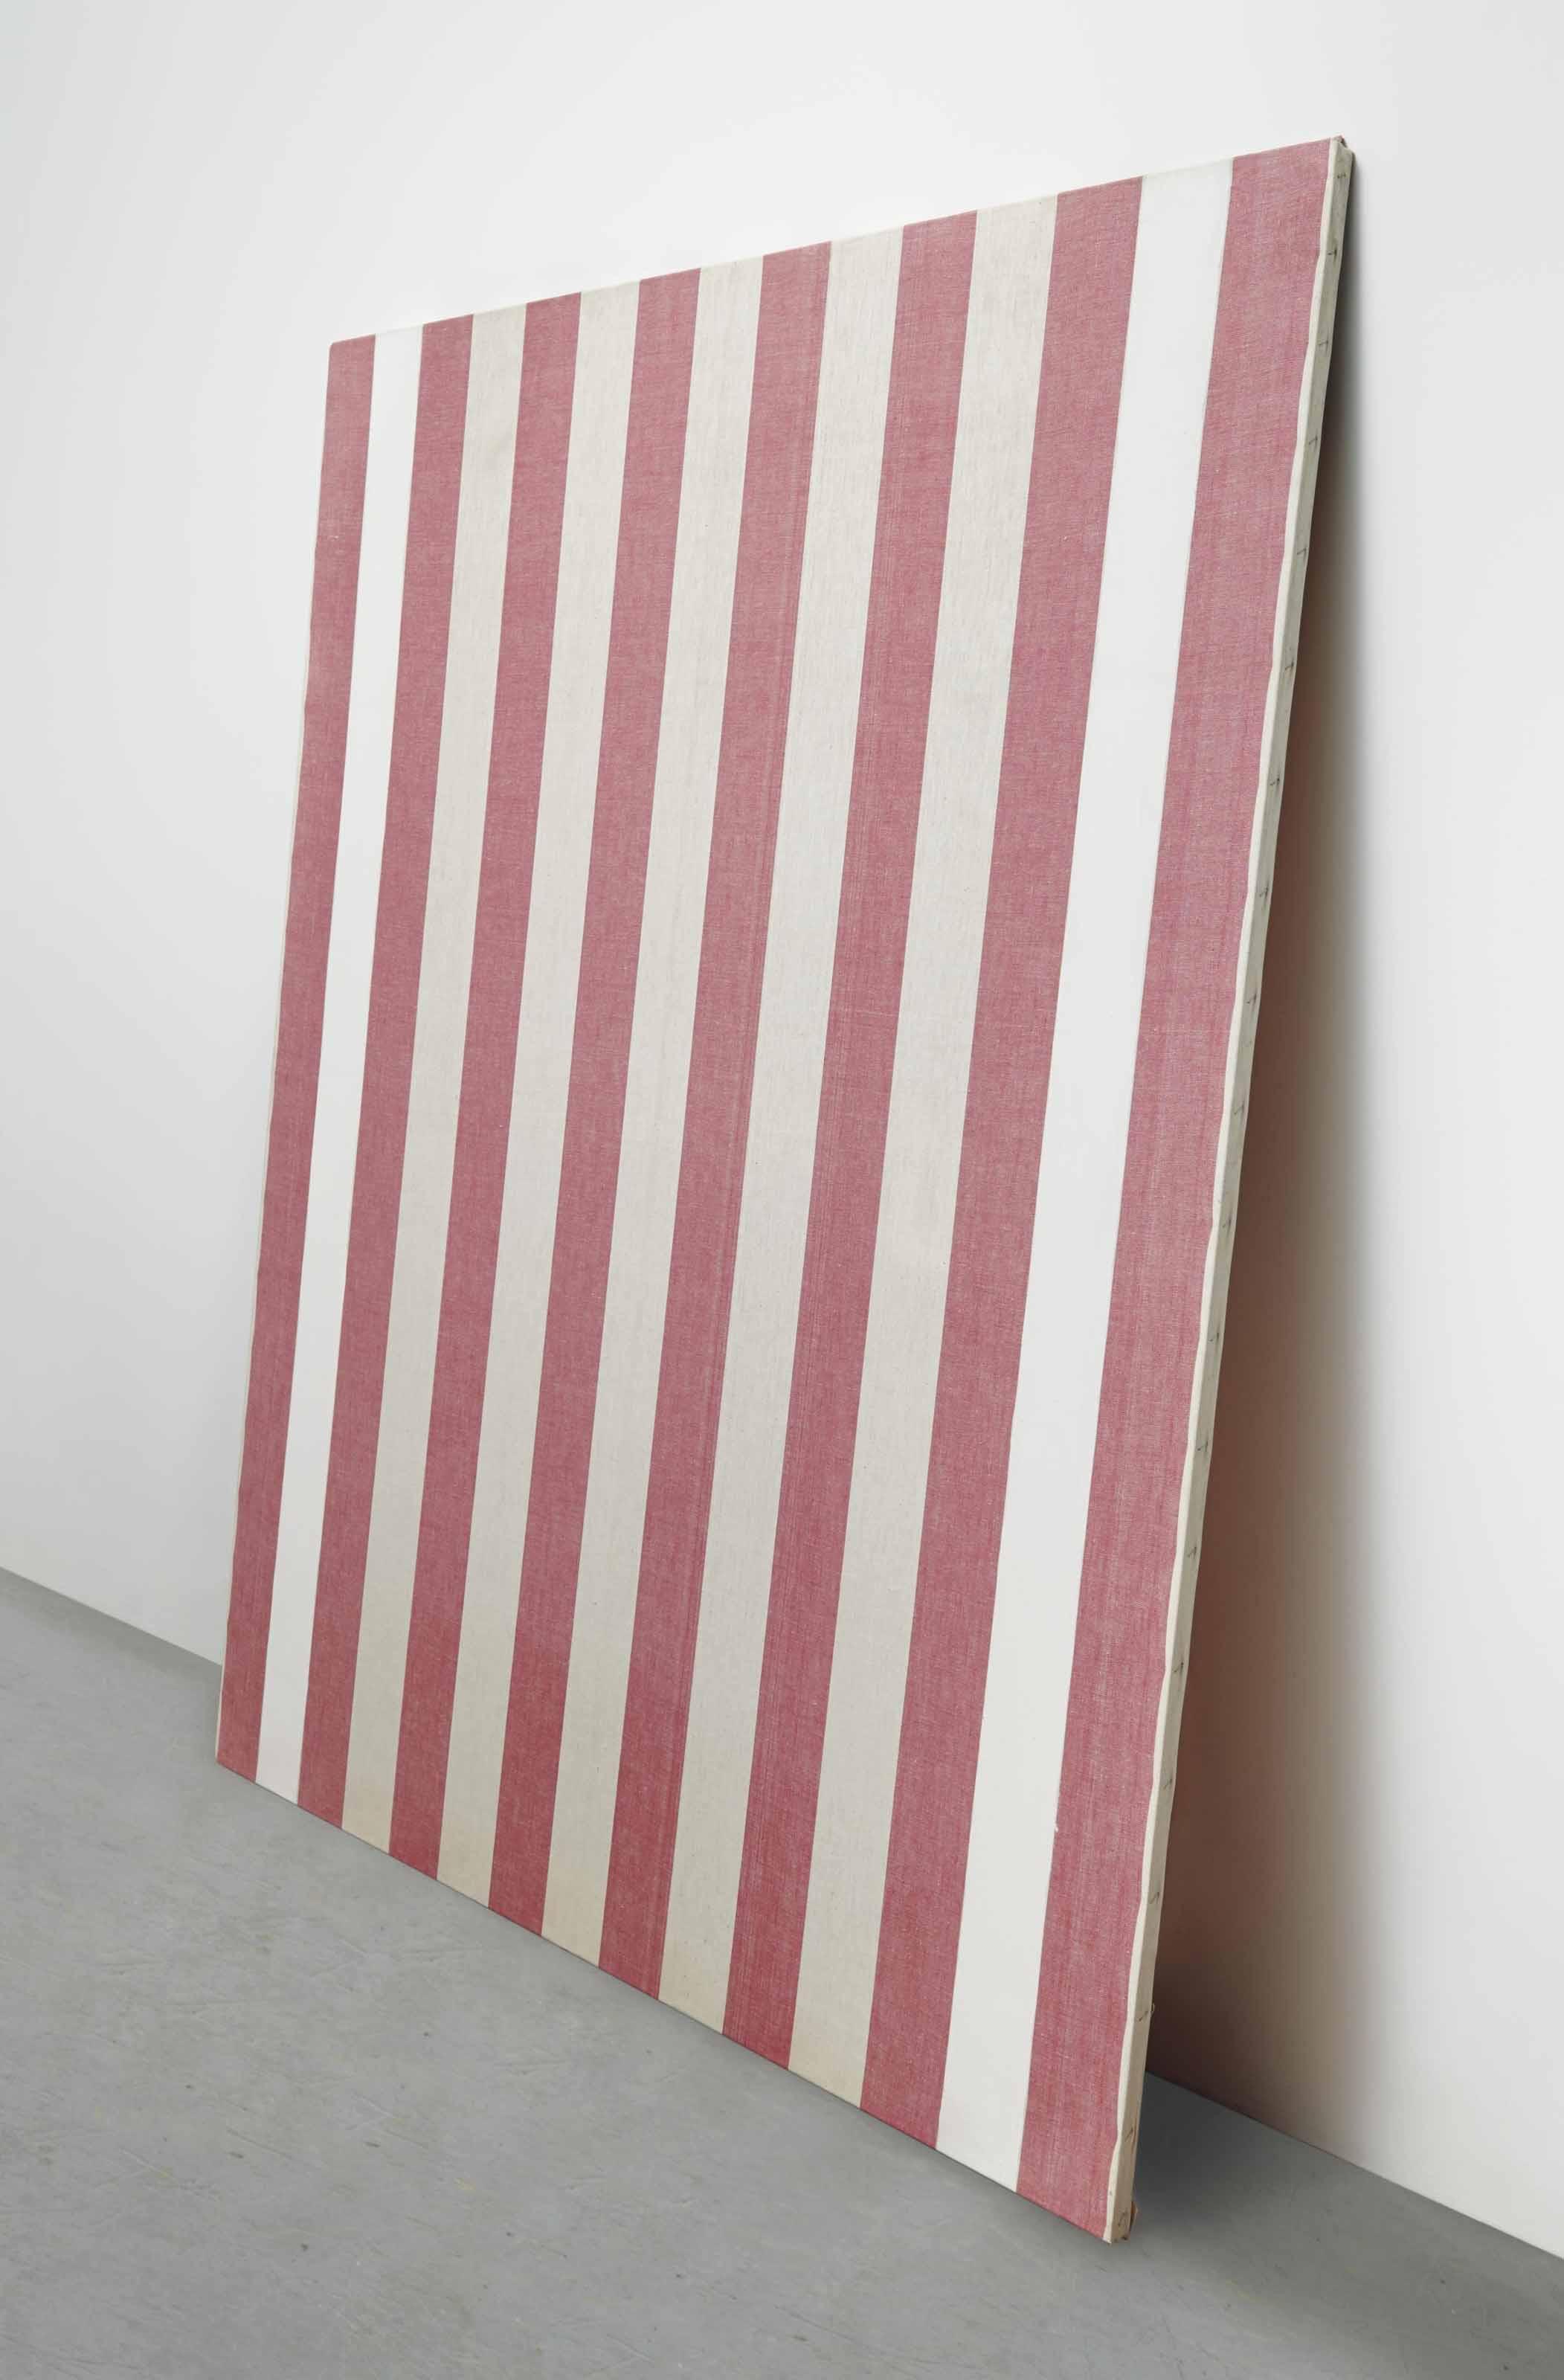 Peinture acrylique sur tissu rayé blanc et rouge